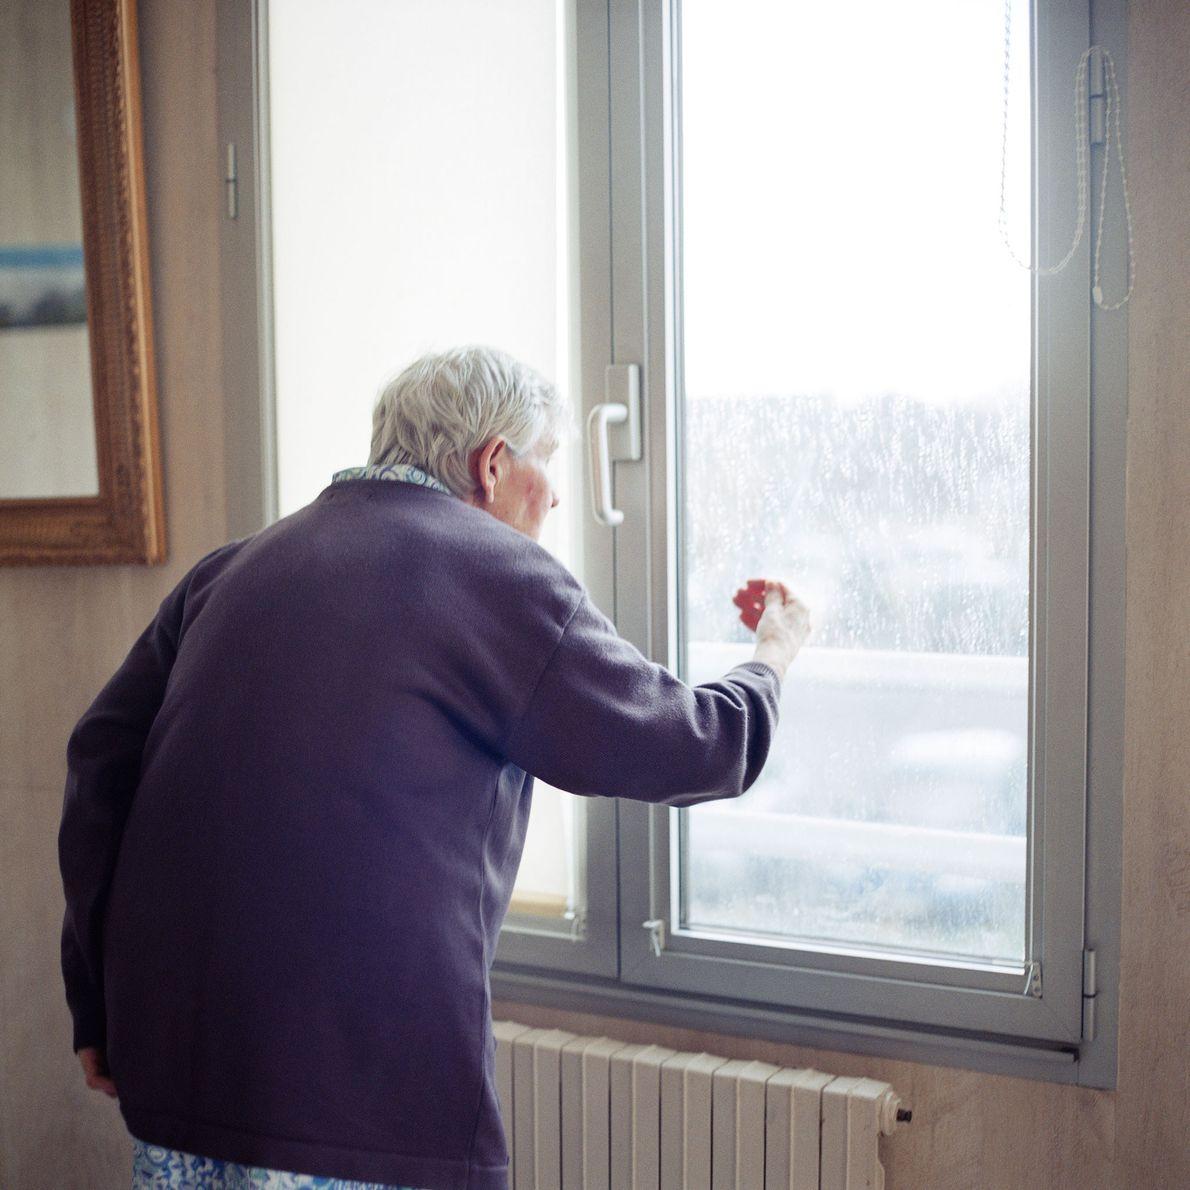 Une résidente regarde à travers une fenêtre verrouillée du département.